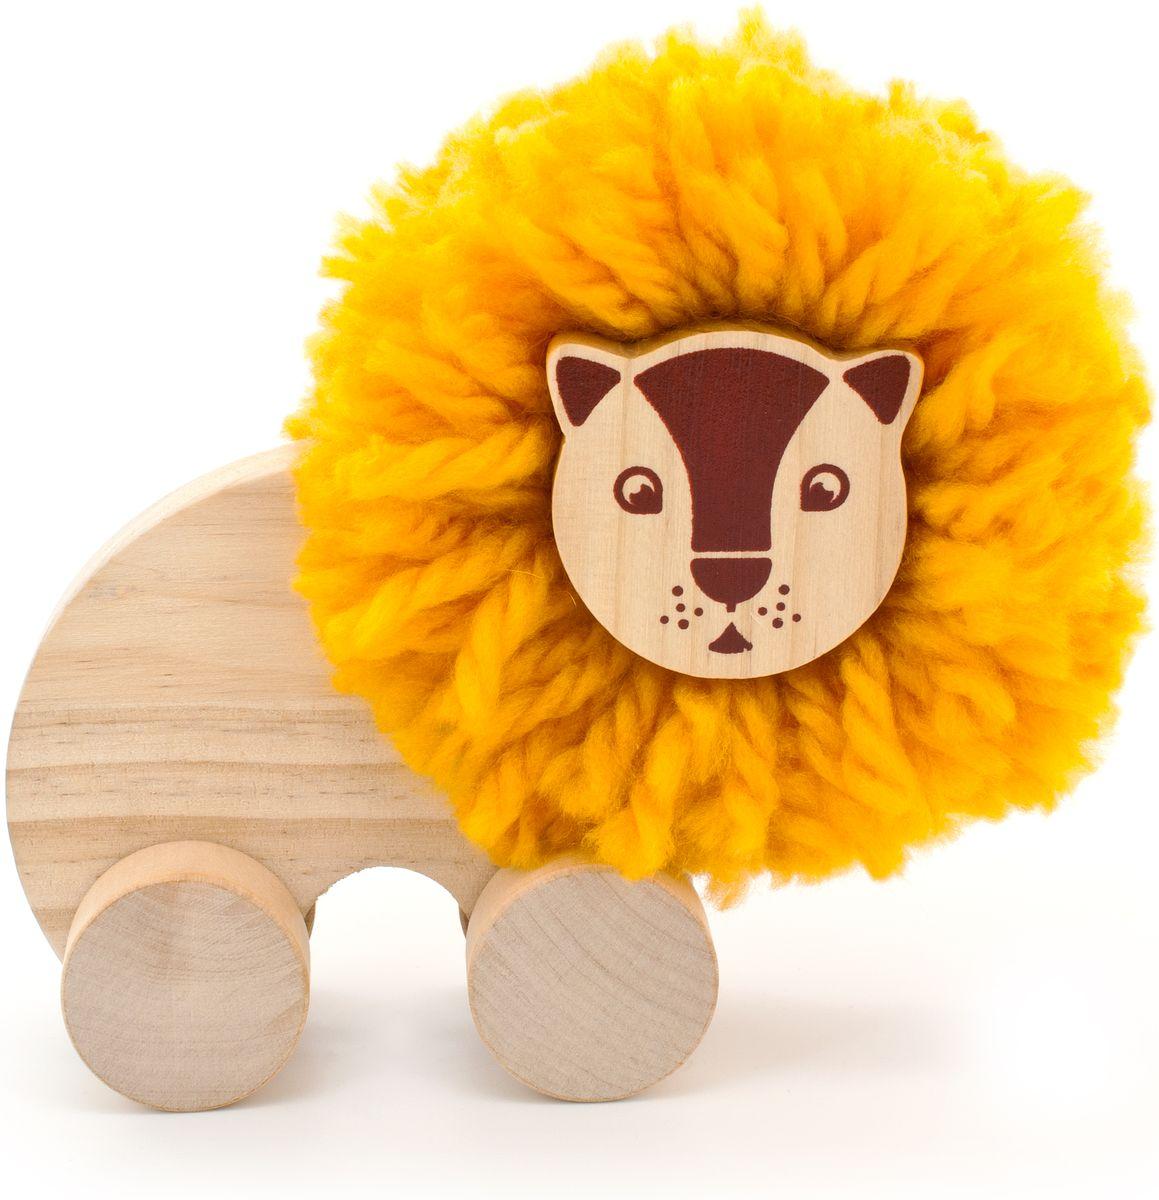 Мир деревянных игрушек Игрушка-каталка Помпон Лев игрушка мир деревянных игрушек лабиринт каталка обезьяна д357